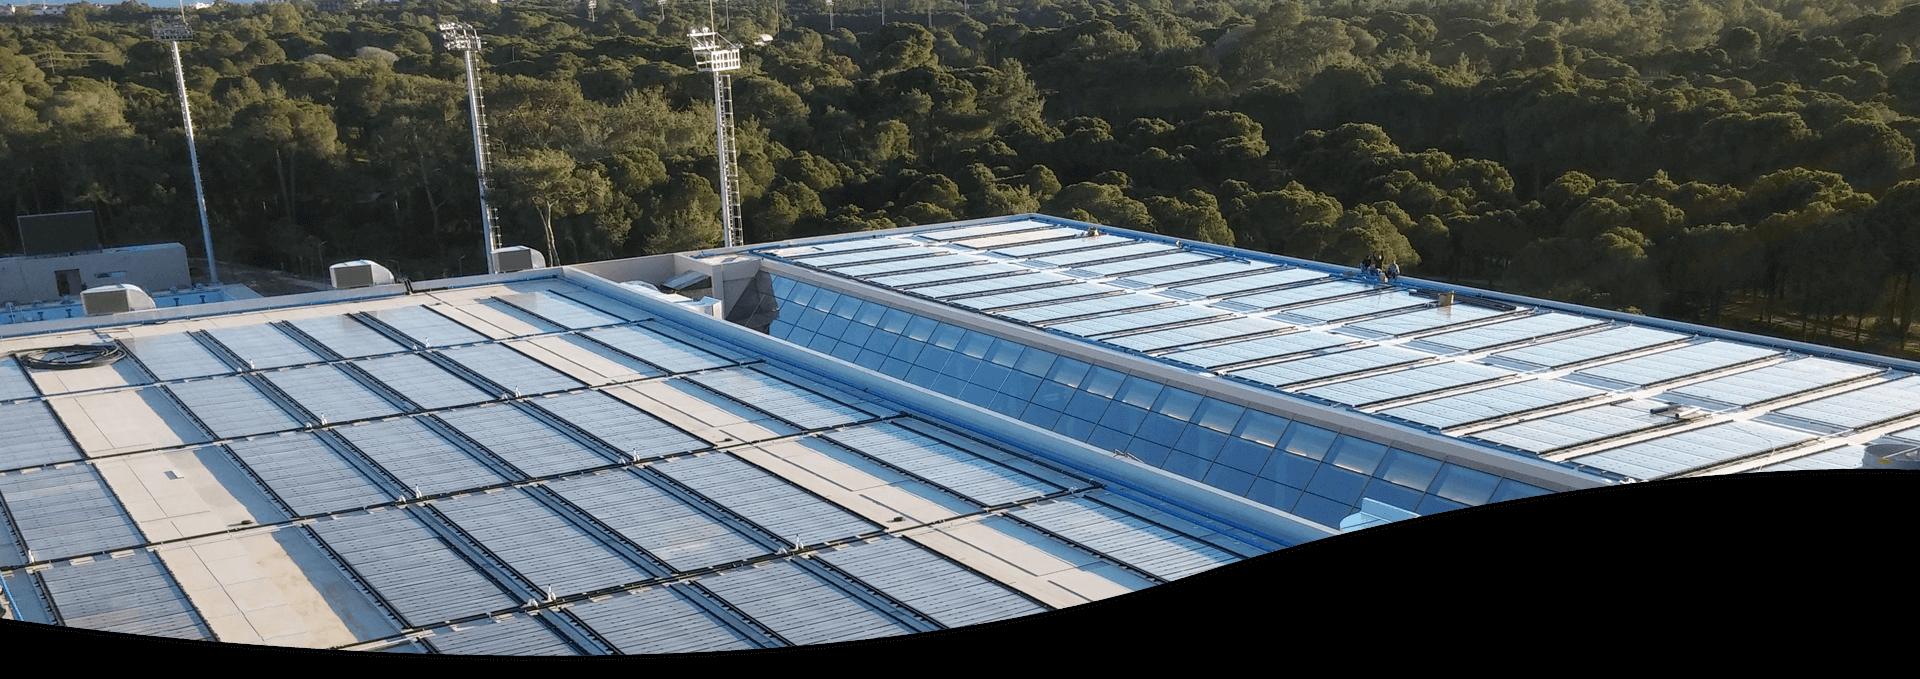 פתרונות חימום בריכות סולאריים